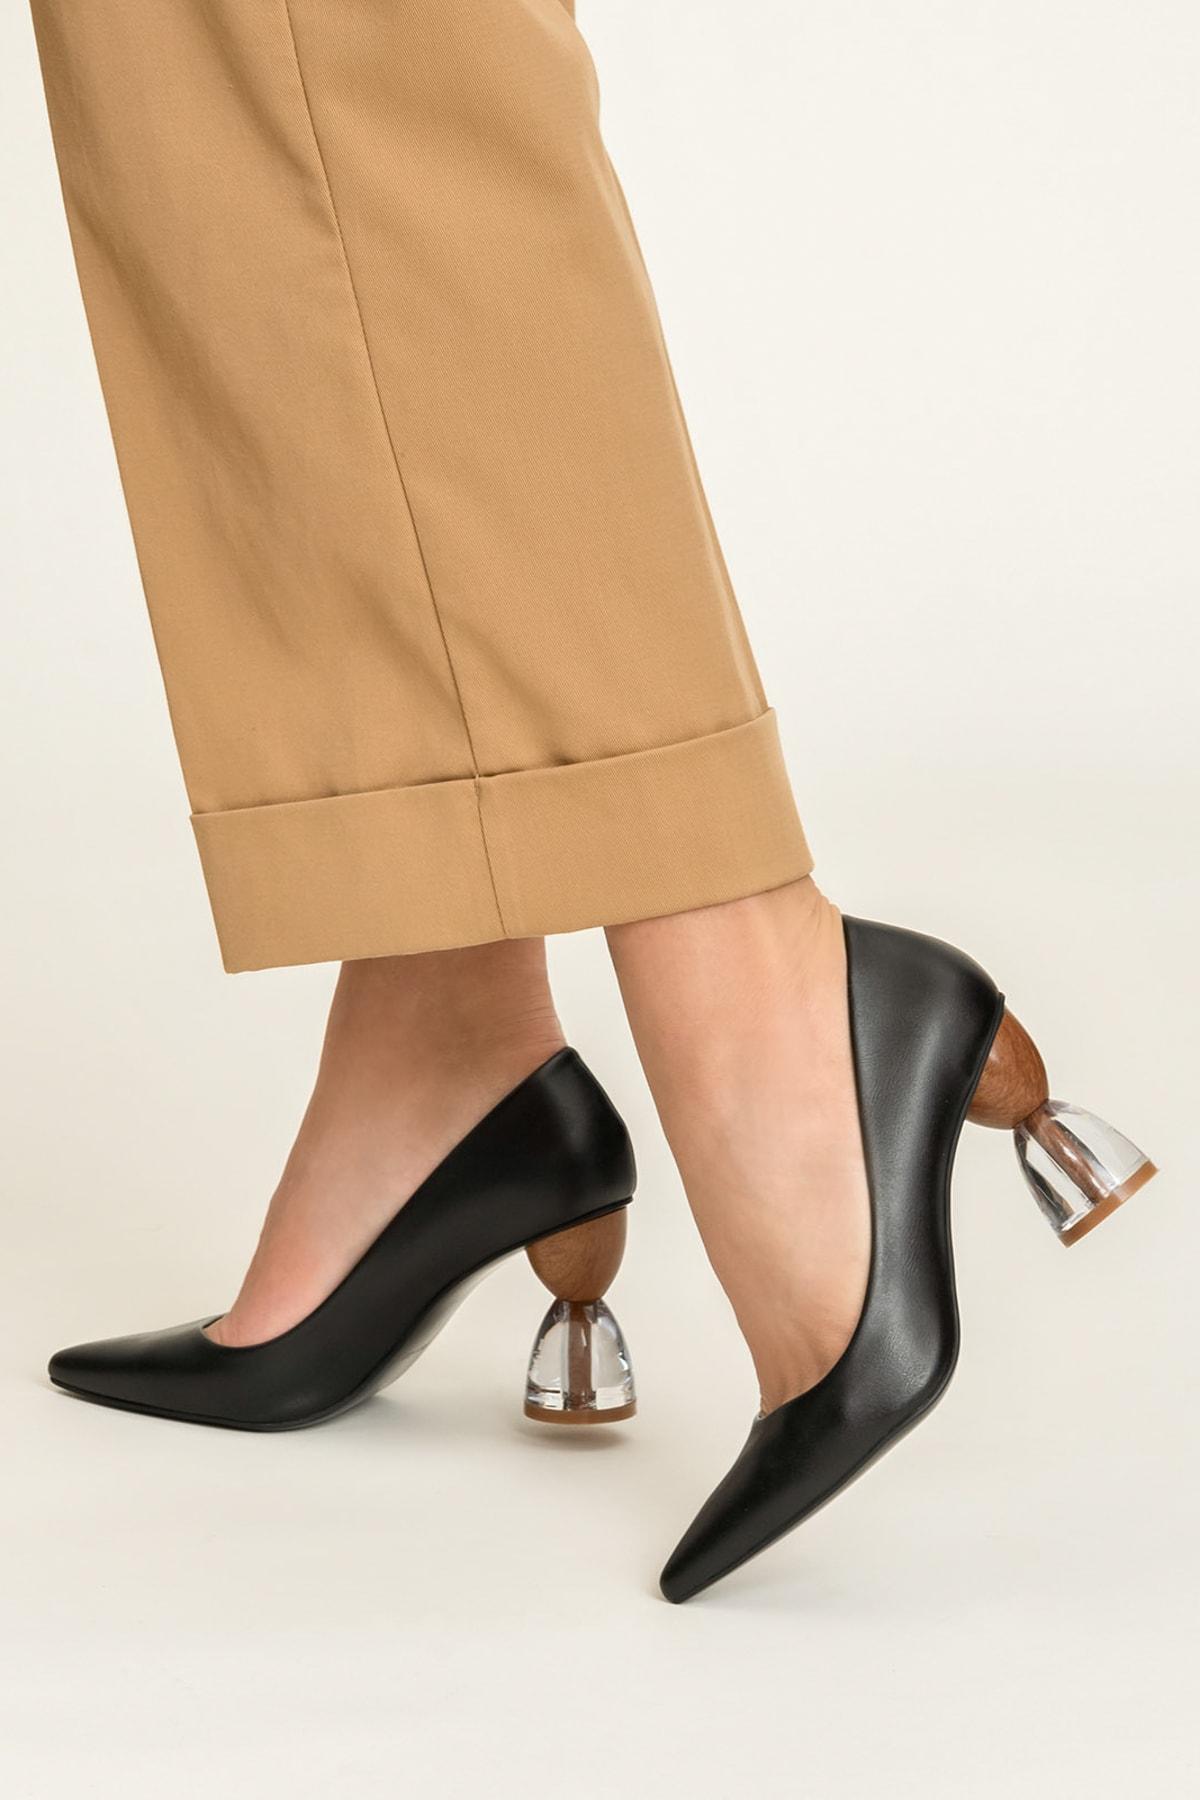 Elle Shoes ALIVIE-1 Siyah Kadın Ayakkabı 1